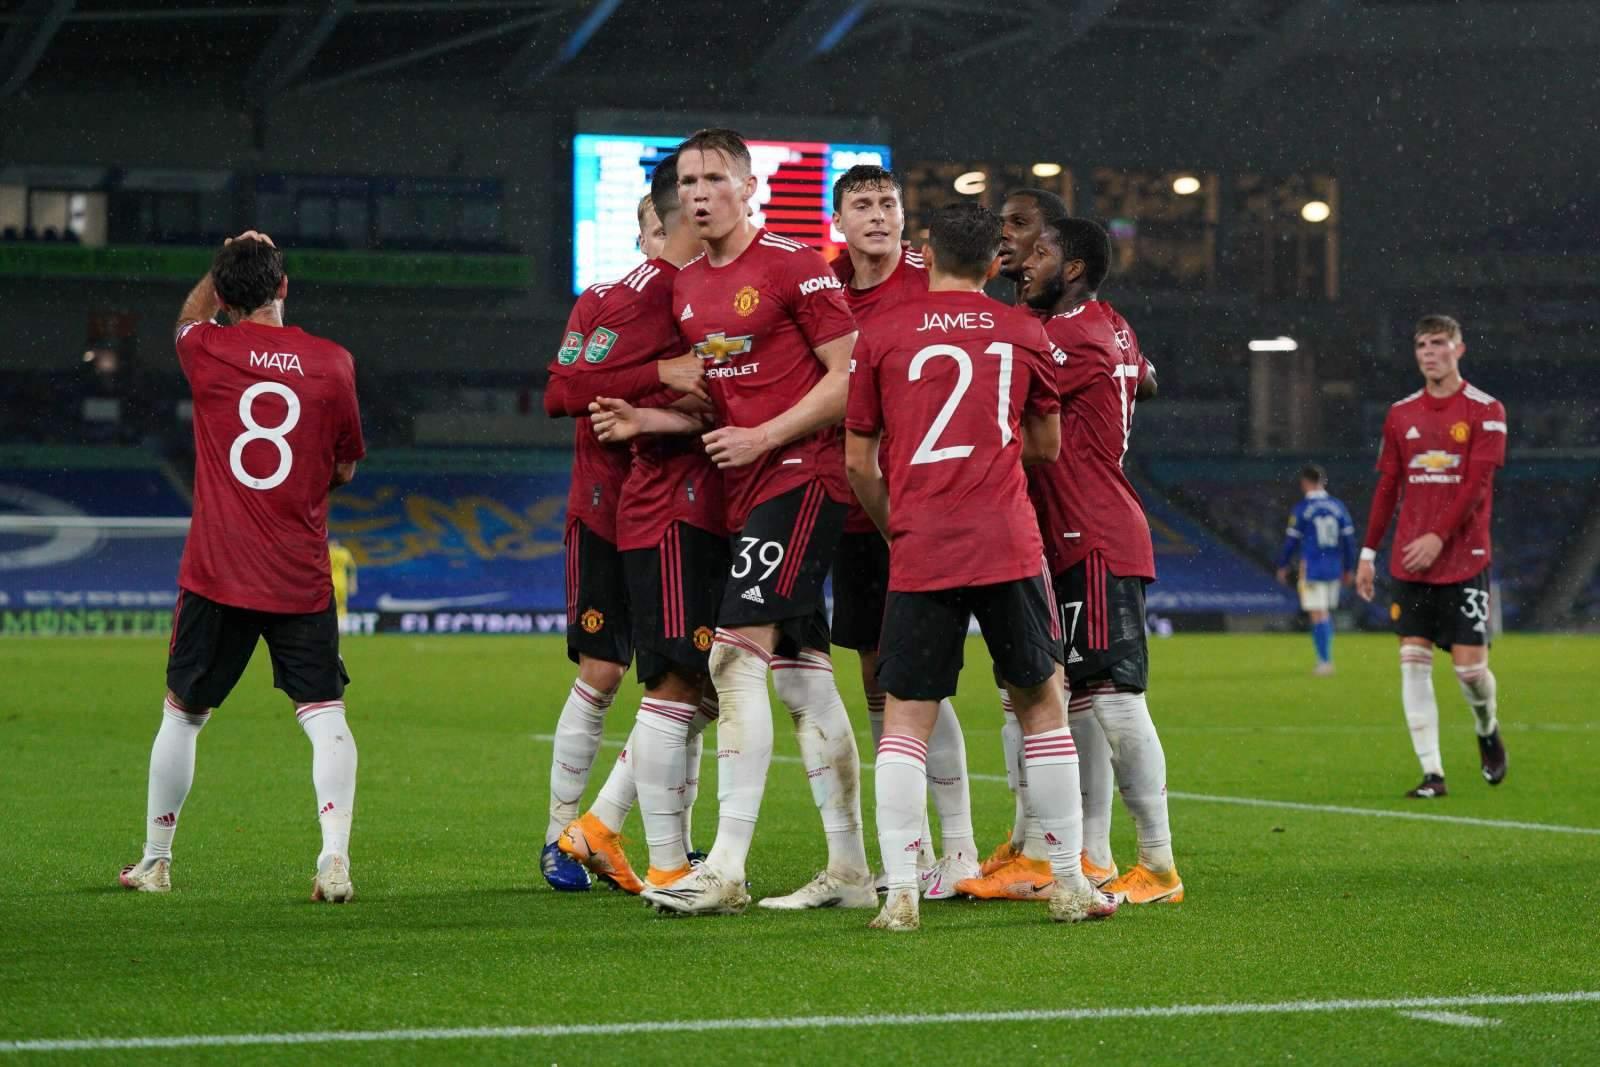 «Манчестер Юнайтед» - «Лидс»: прогноз на матч чемпионата Англии – 20 декабря 2020